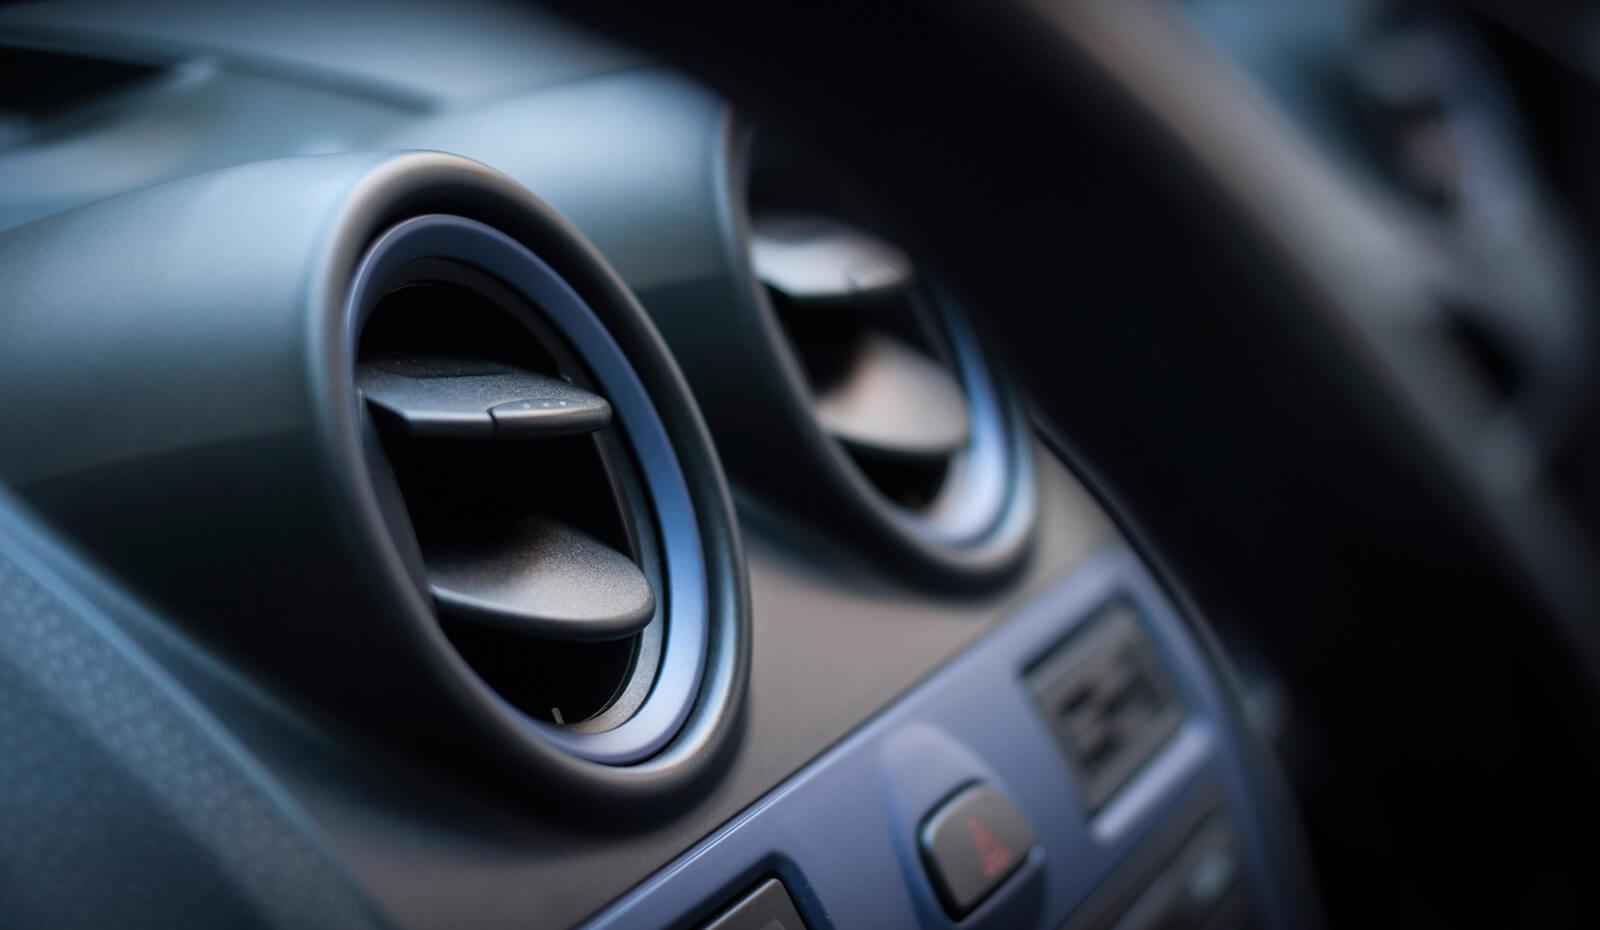 Autoinnenraum mit Luftdüsen